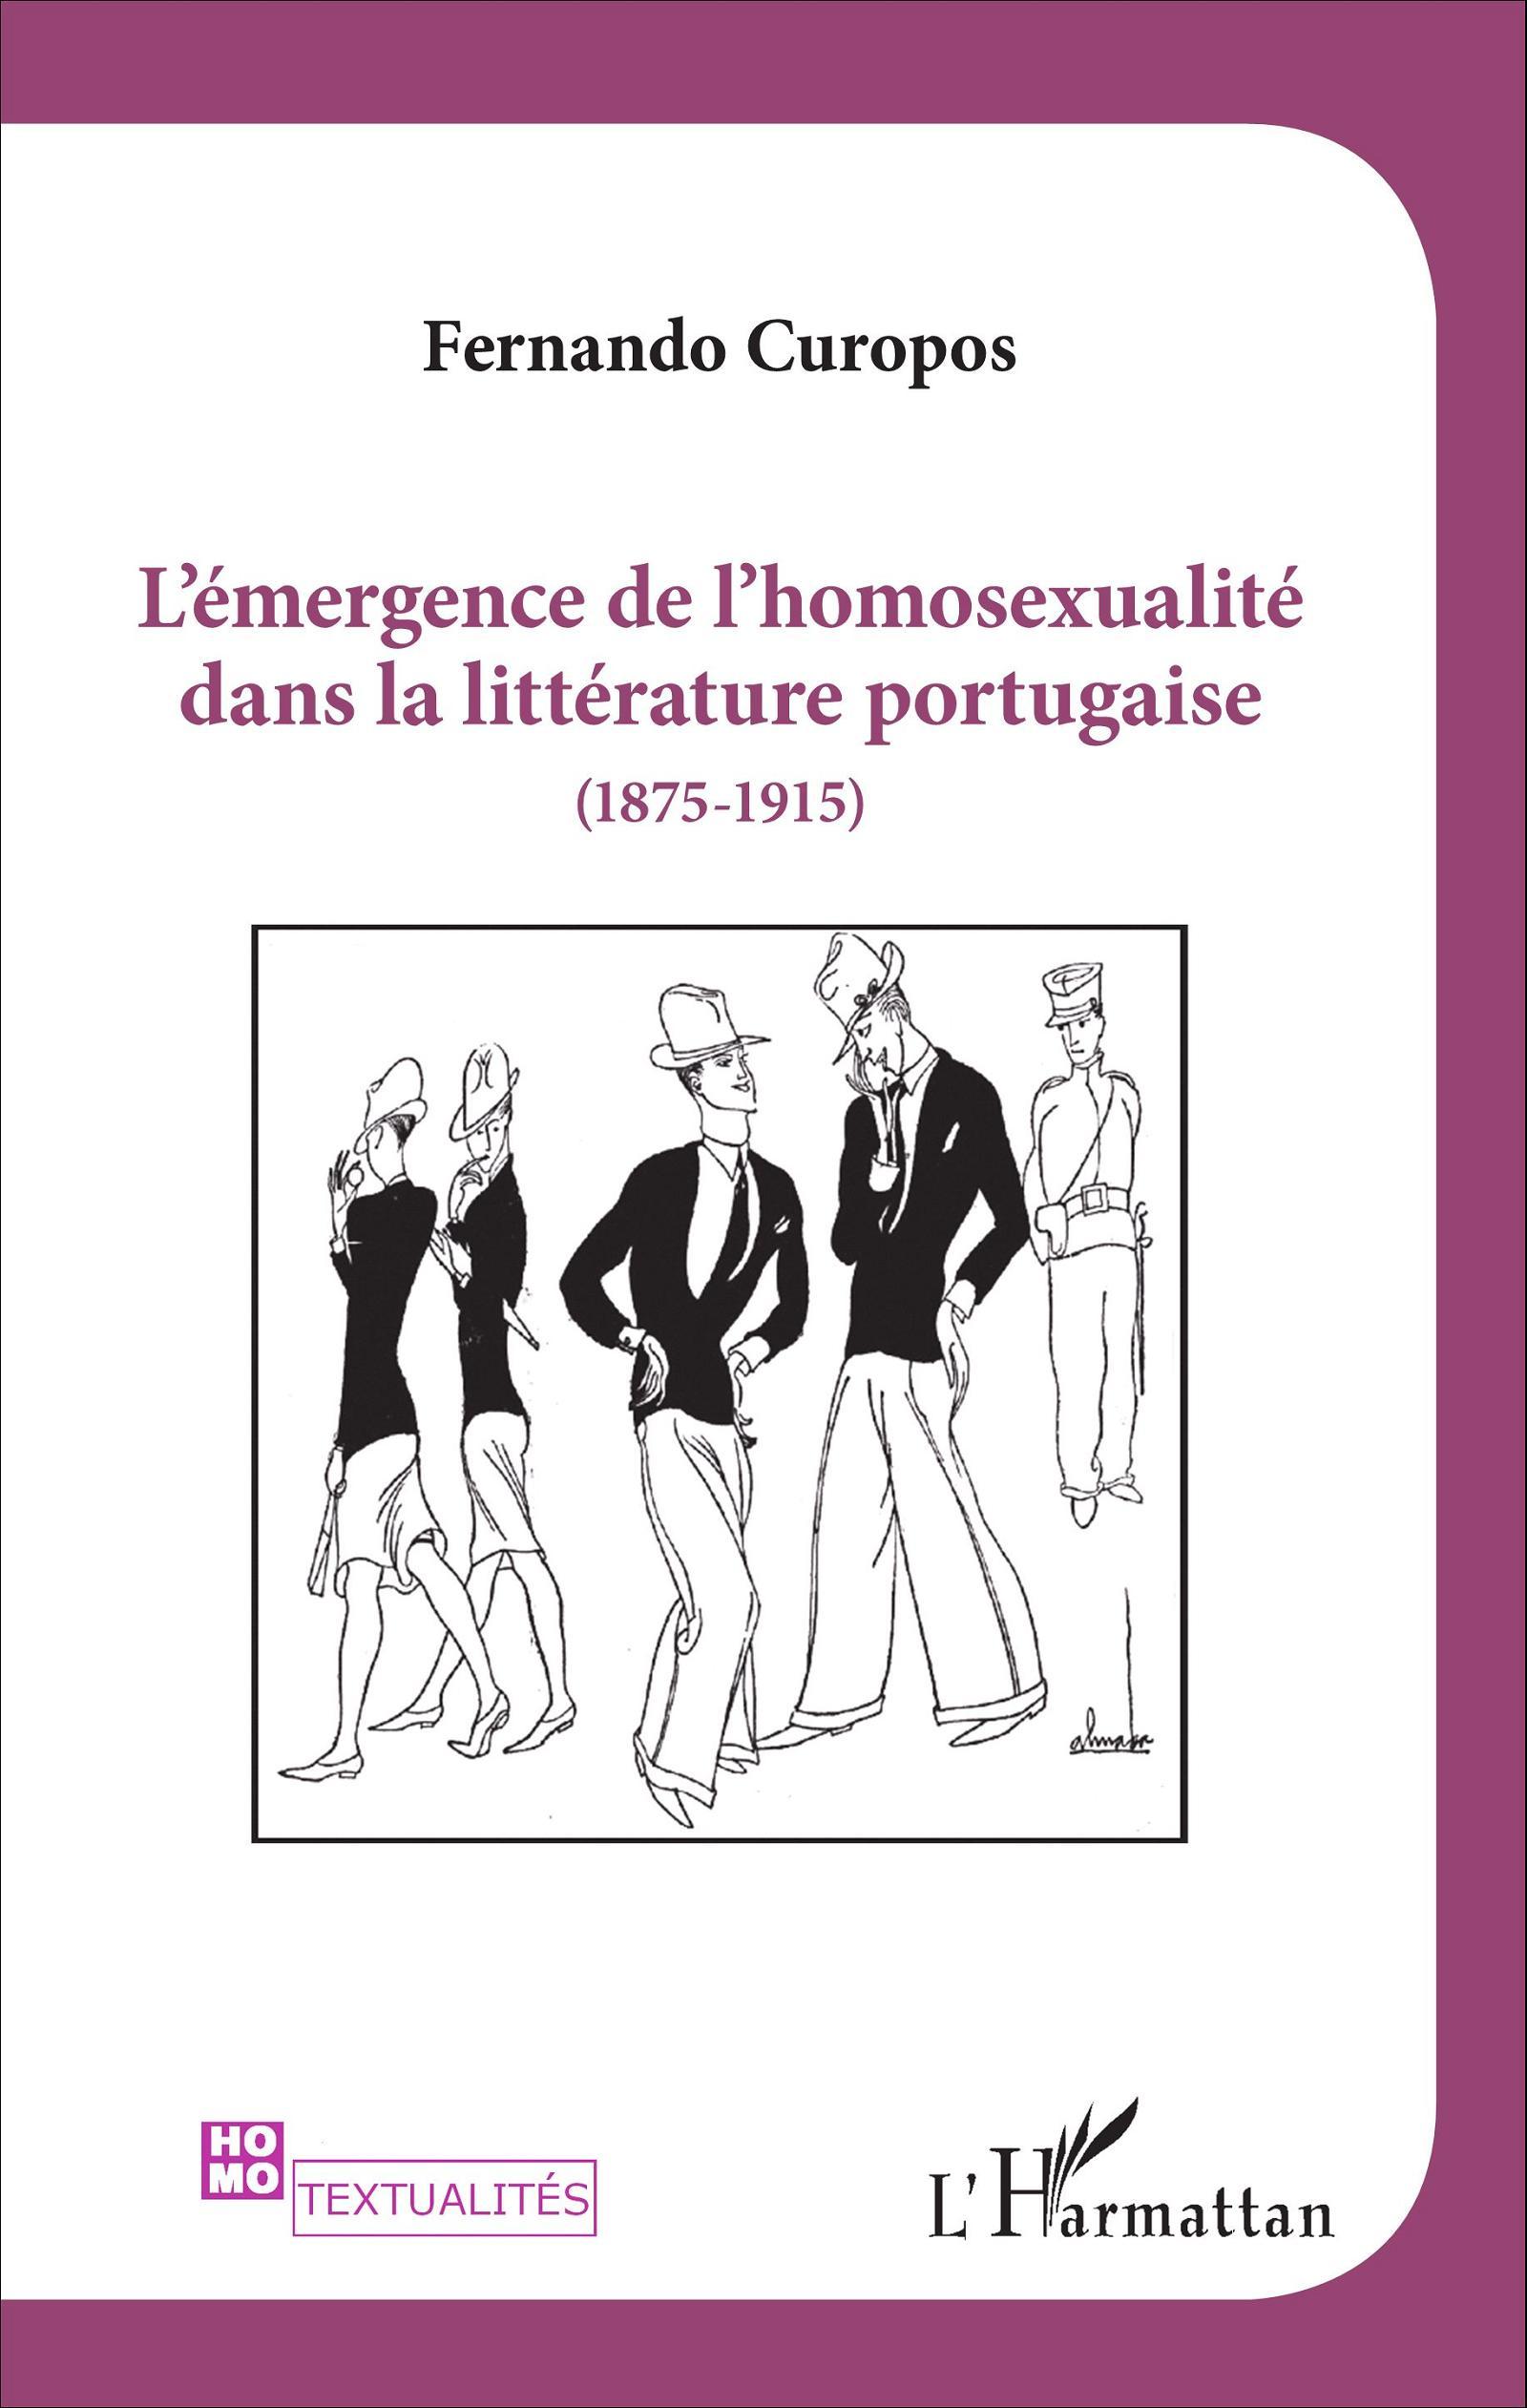 F. Curopos, L'Emergence de l'homosexualité dans la littérature portugaise (1875 -1915)